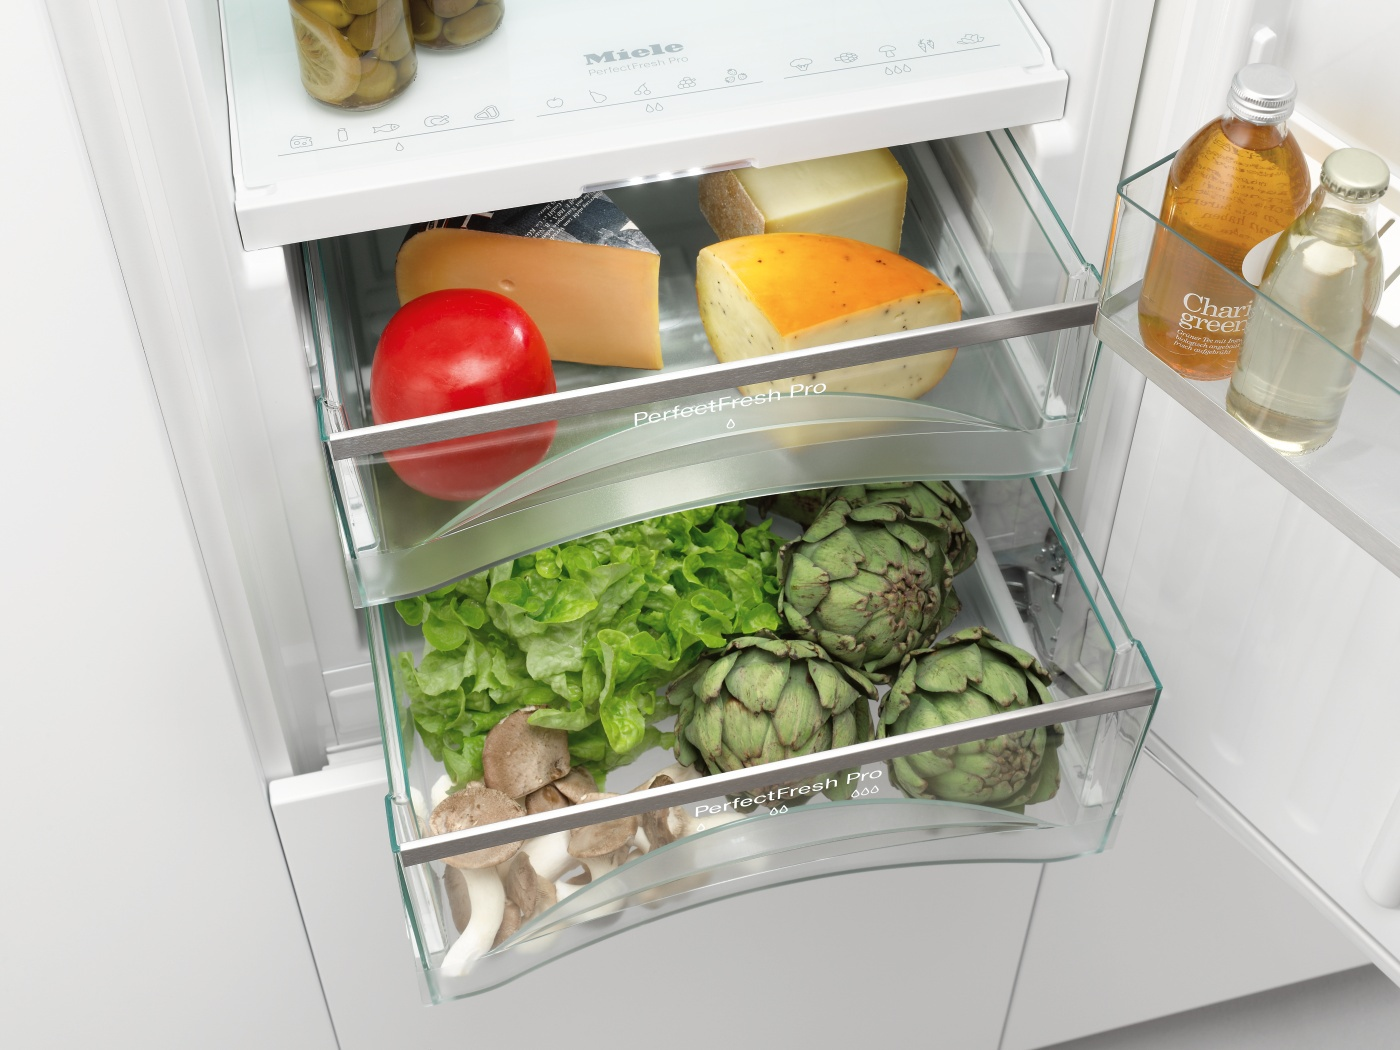 Kühlschrank Wurst Aufbewahrung : Kühlschrank glossar zu funktionen lagerung von lebensmitteln und